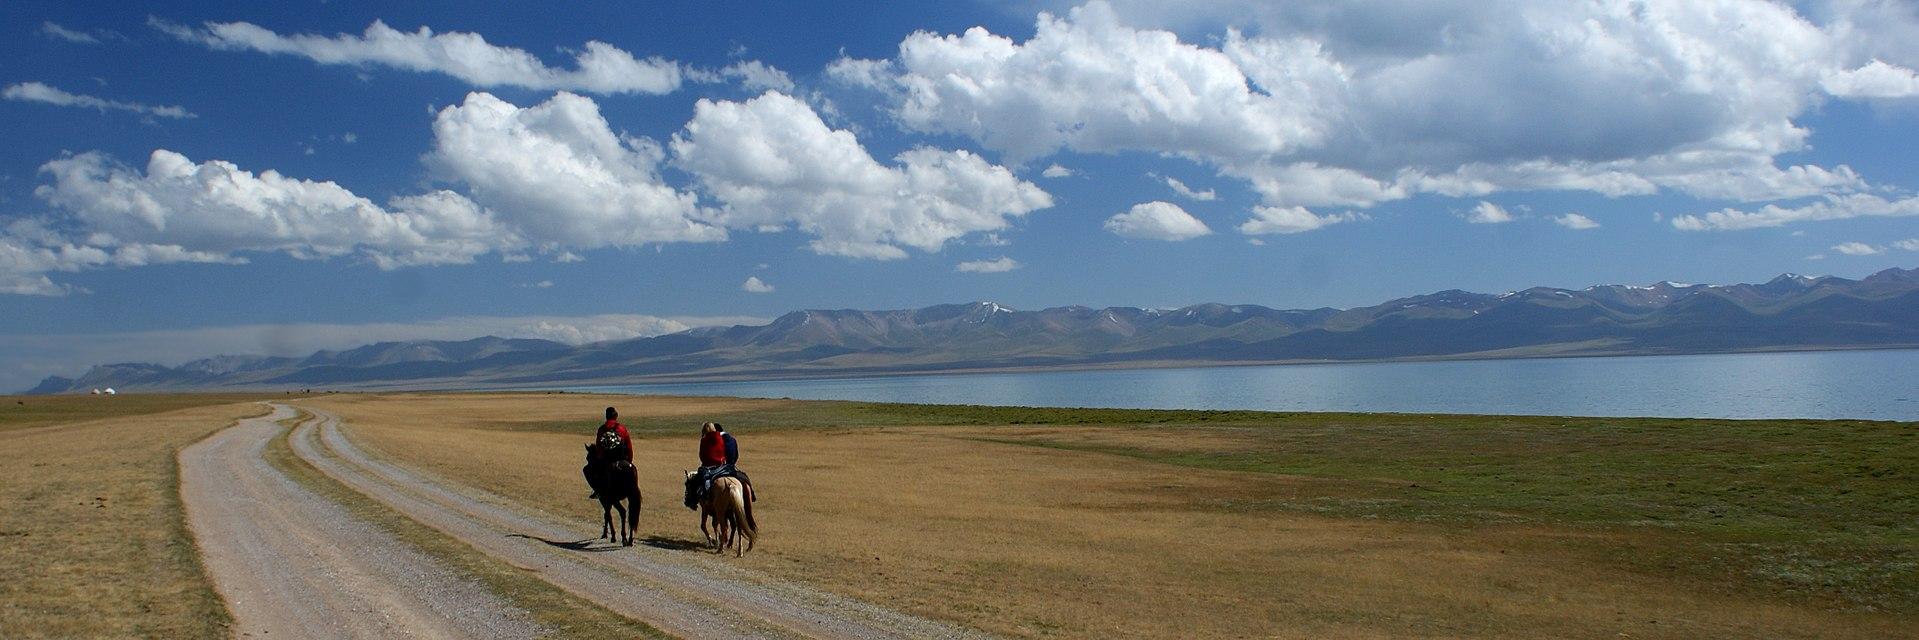 Riding at Song Kol lake.jpg